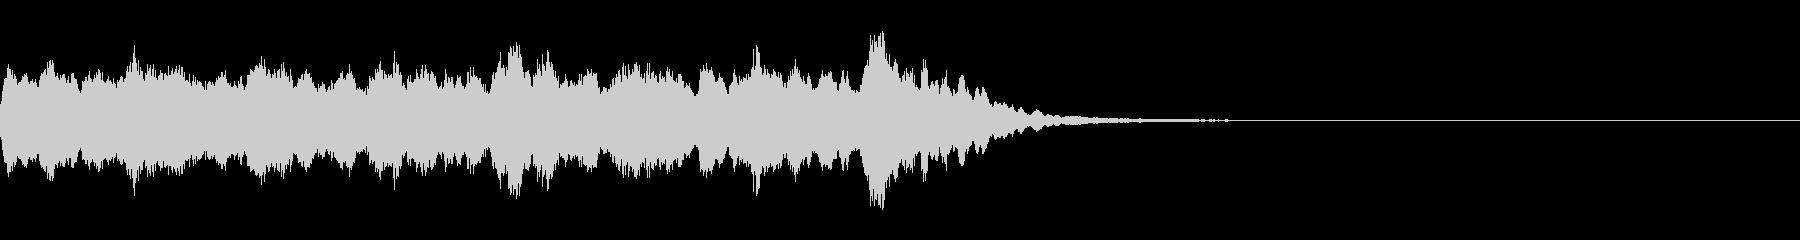 シンセベルが奏でる少し切ない駅メロの未再生の波形